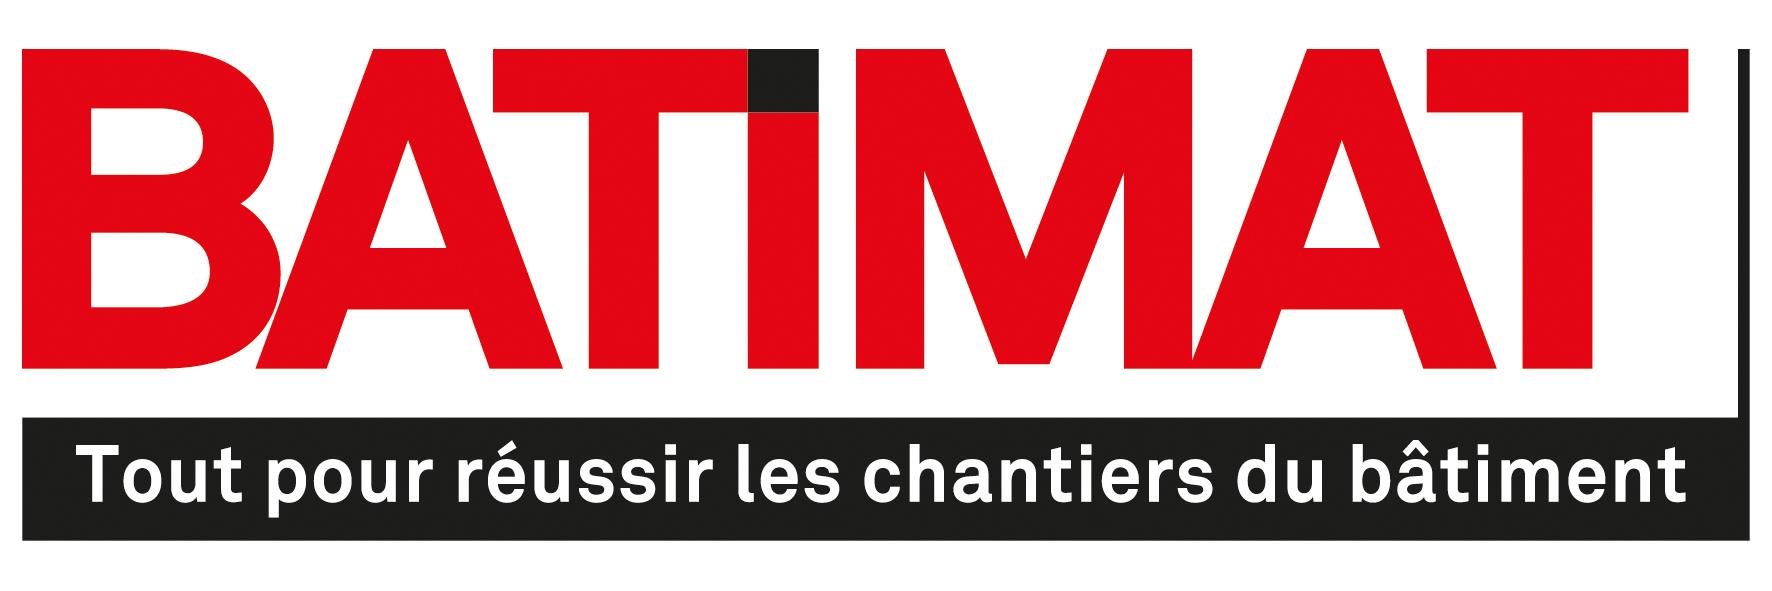 Batimat Paris Uluslararası İnşaat Teknolojisi ve Ekipmanları Fuarı